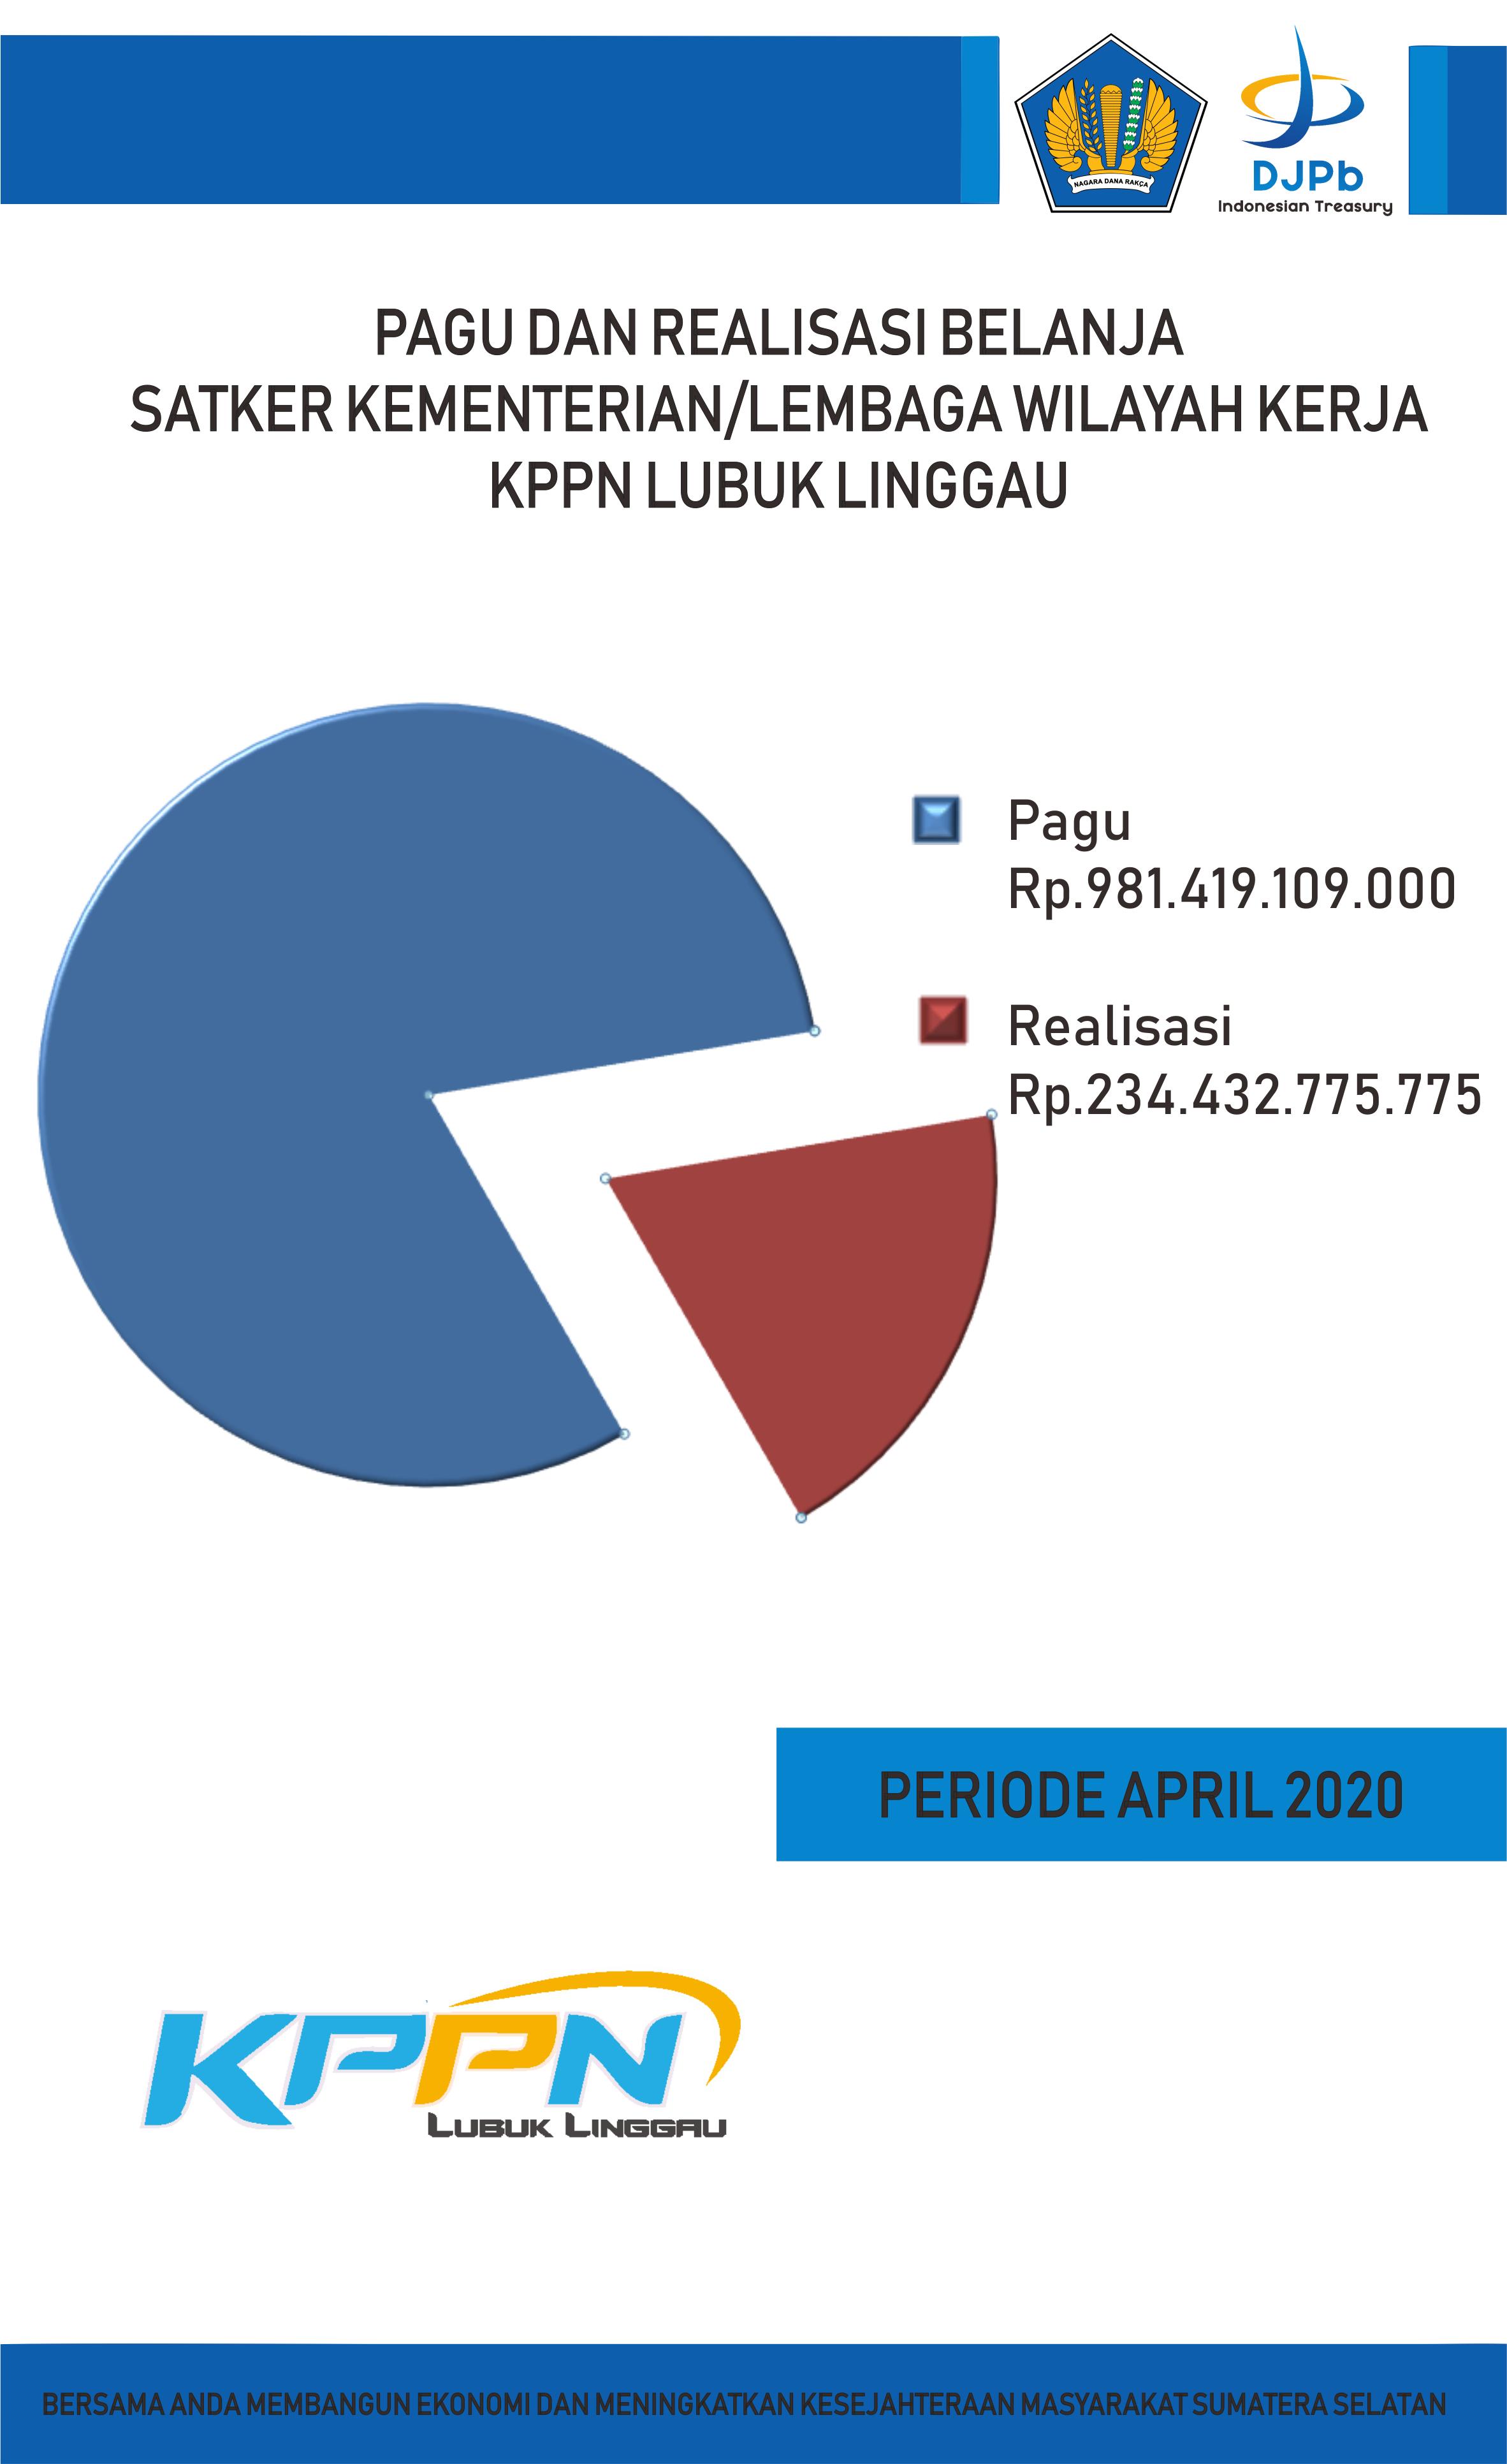 Berita Kppn Lubuklinggau Kantor Pelayanan Perbendaharaan Negara Djpb Kemenkeu Ri Perbendaharaan Kementerian Keuangan Ri